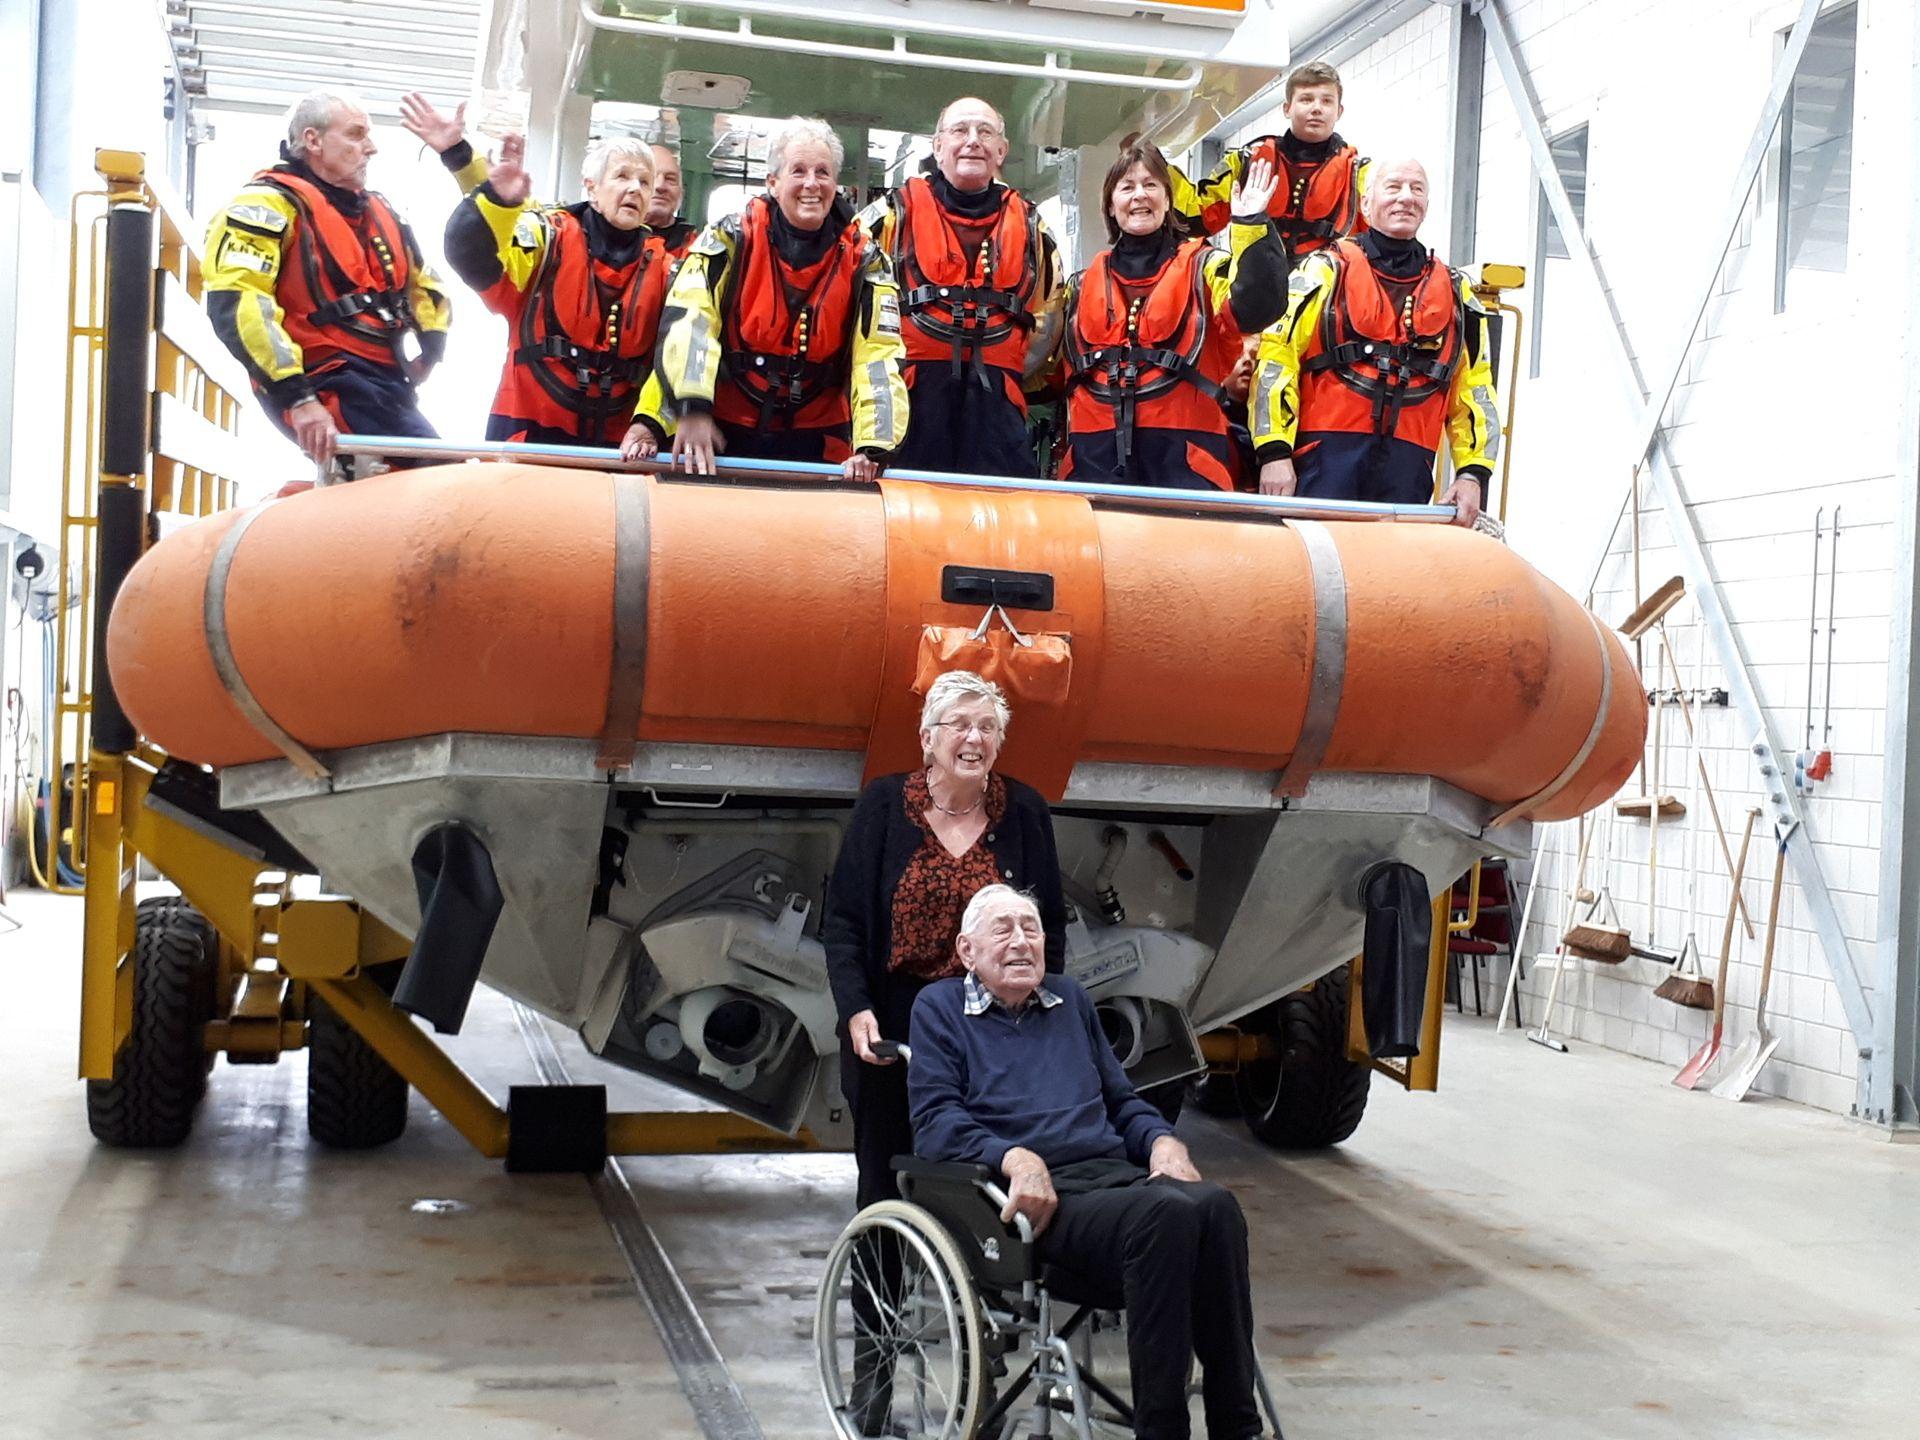 100 jarige oud-redder op donateursdag KNRM Texel - KNRM